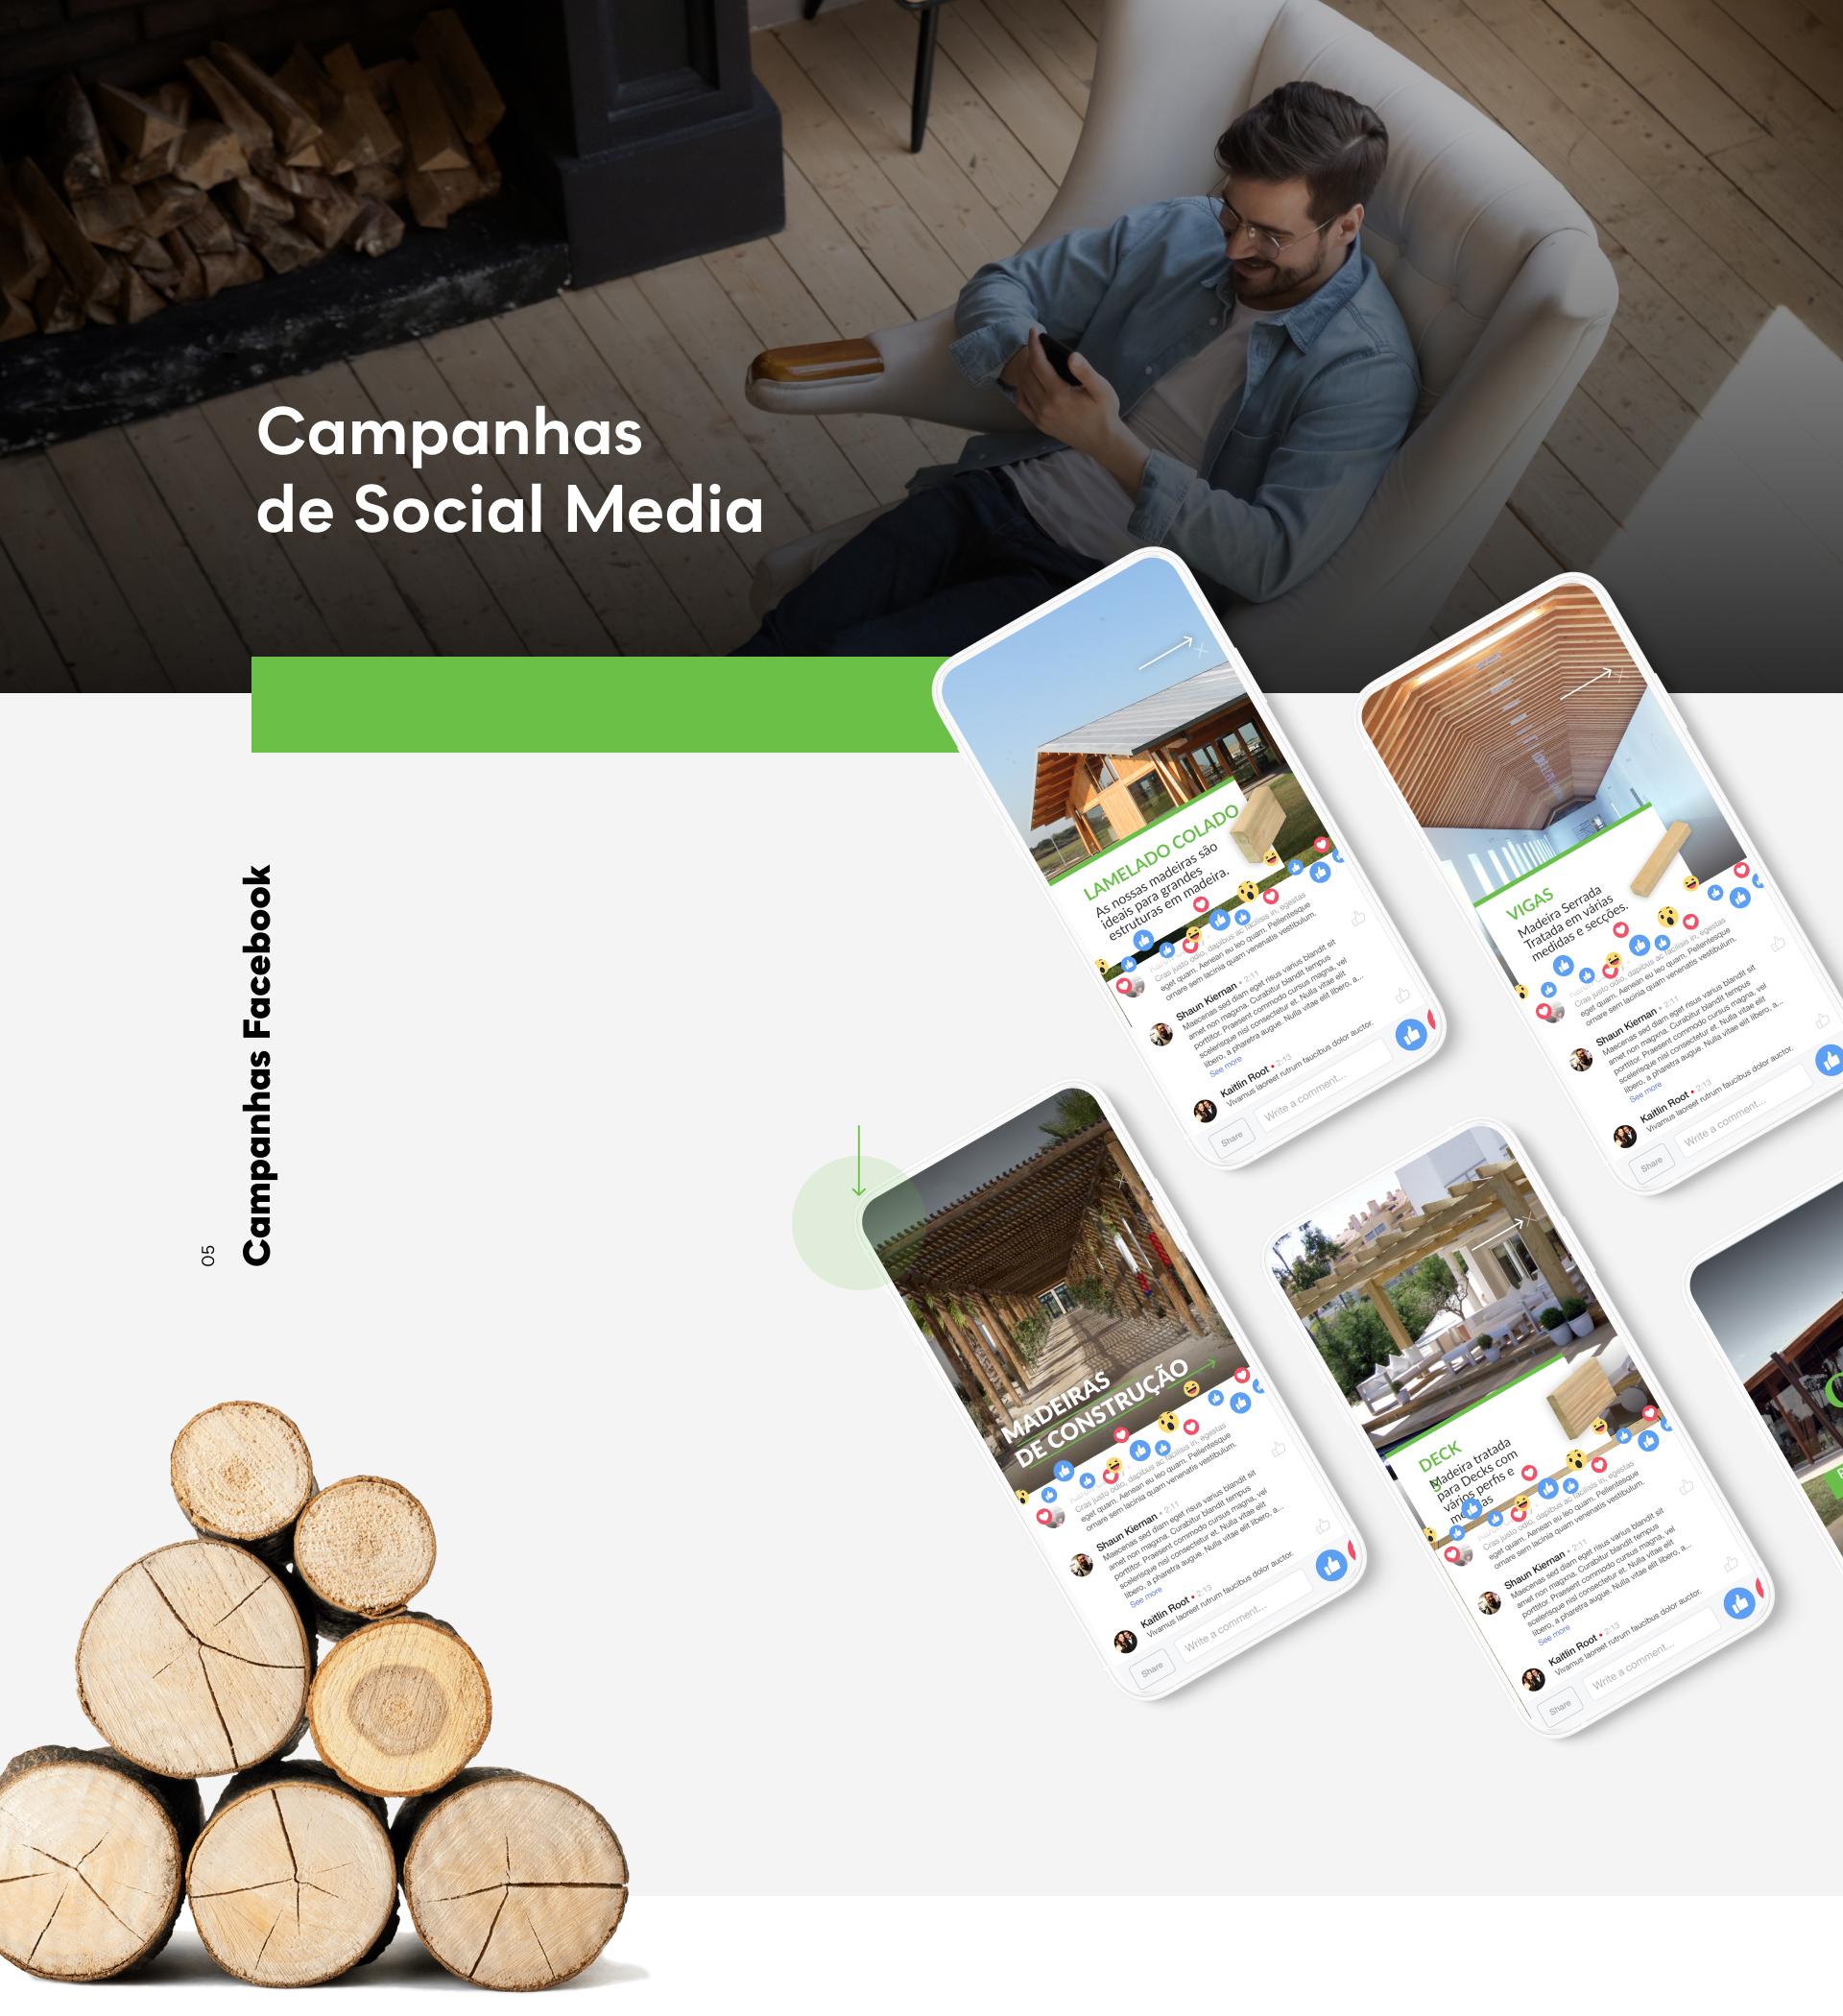 Exemplos de Campanhas de Facebook